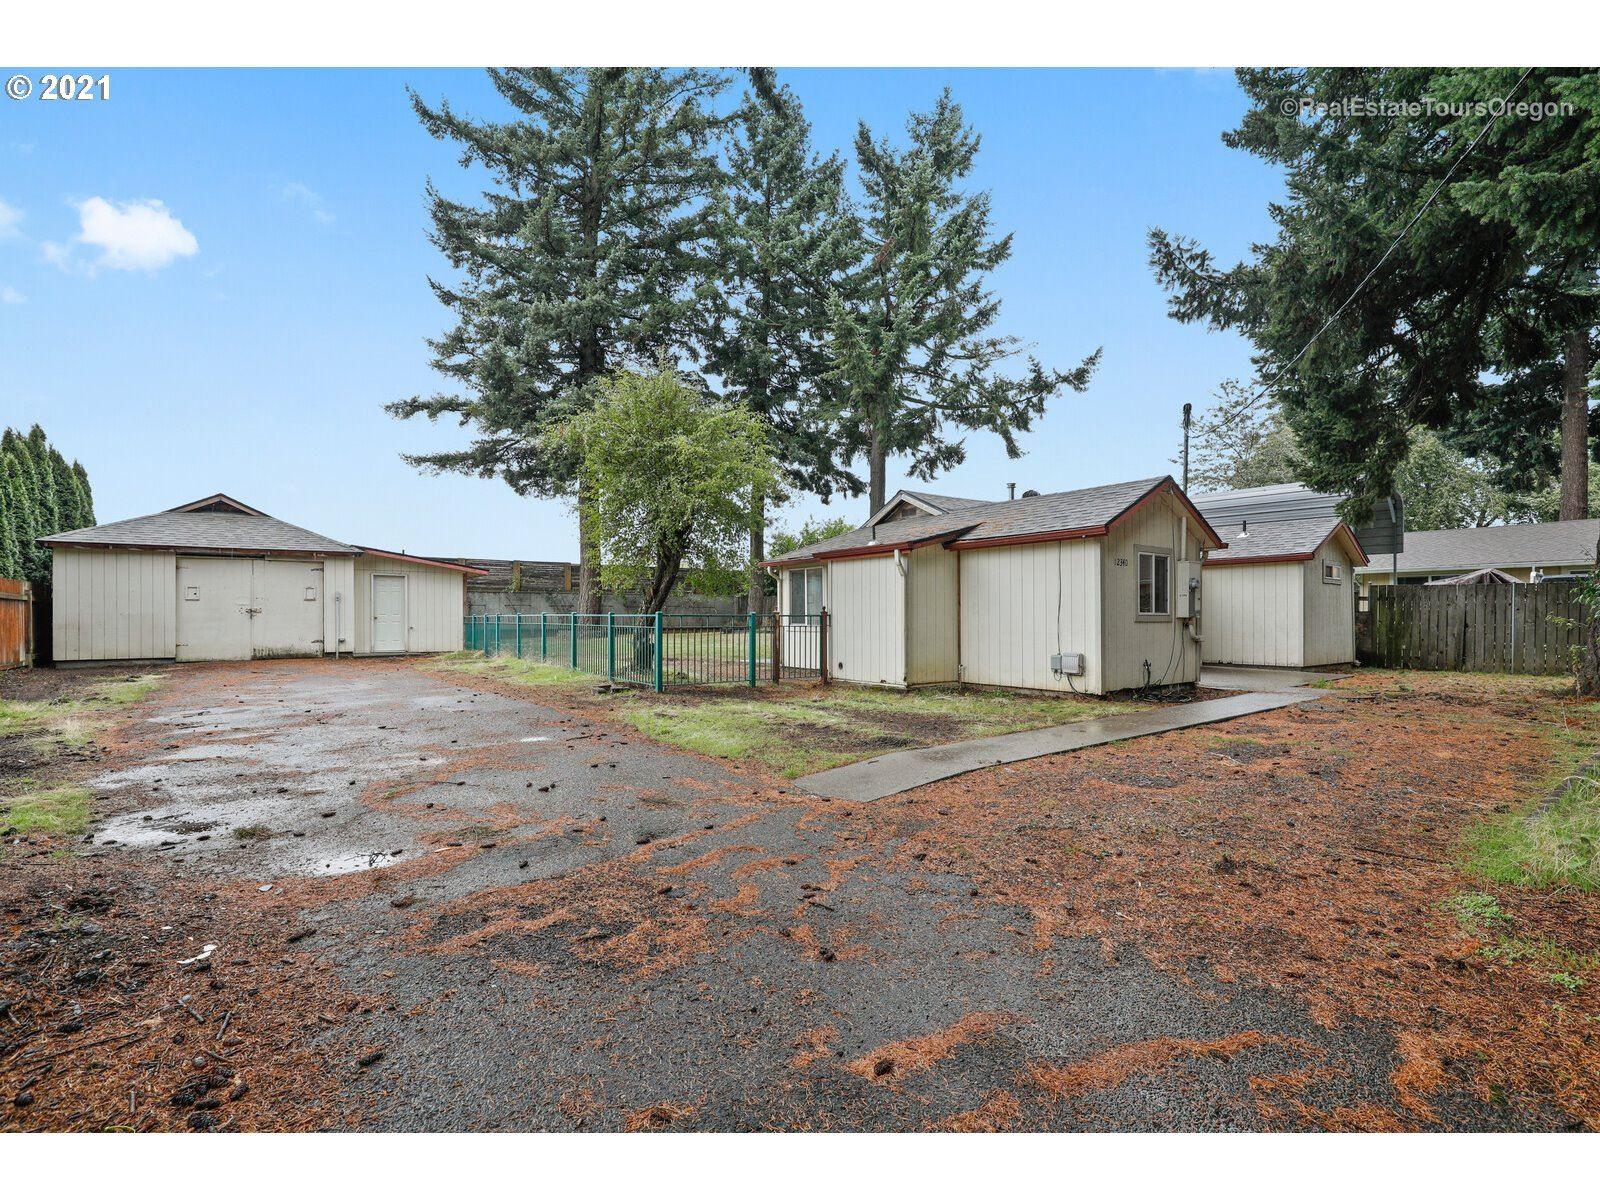 12340 NE BRAZEE ST, Portland, OR 97230 - MLS#: 21053930